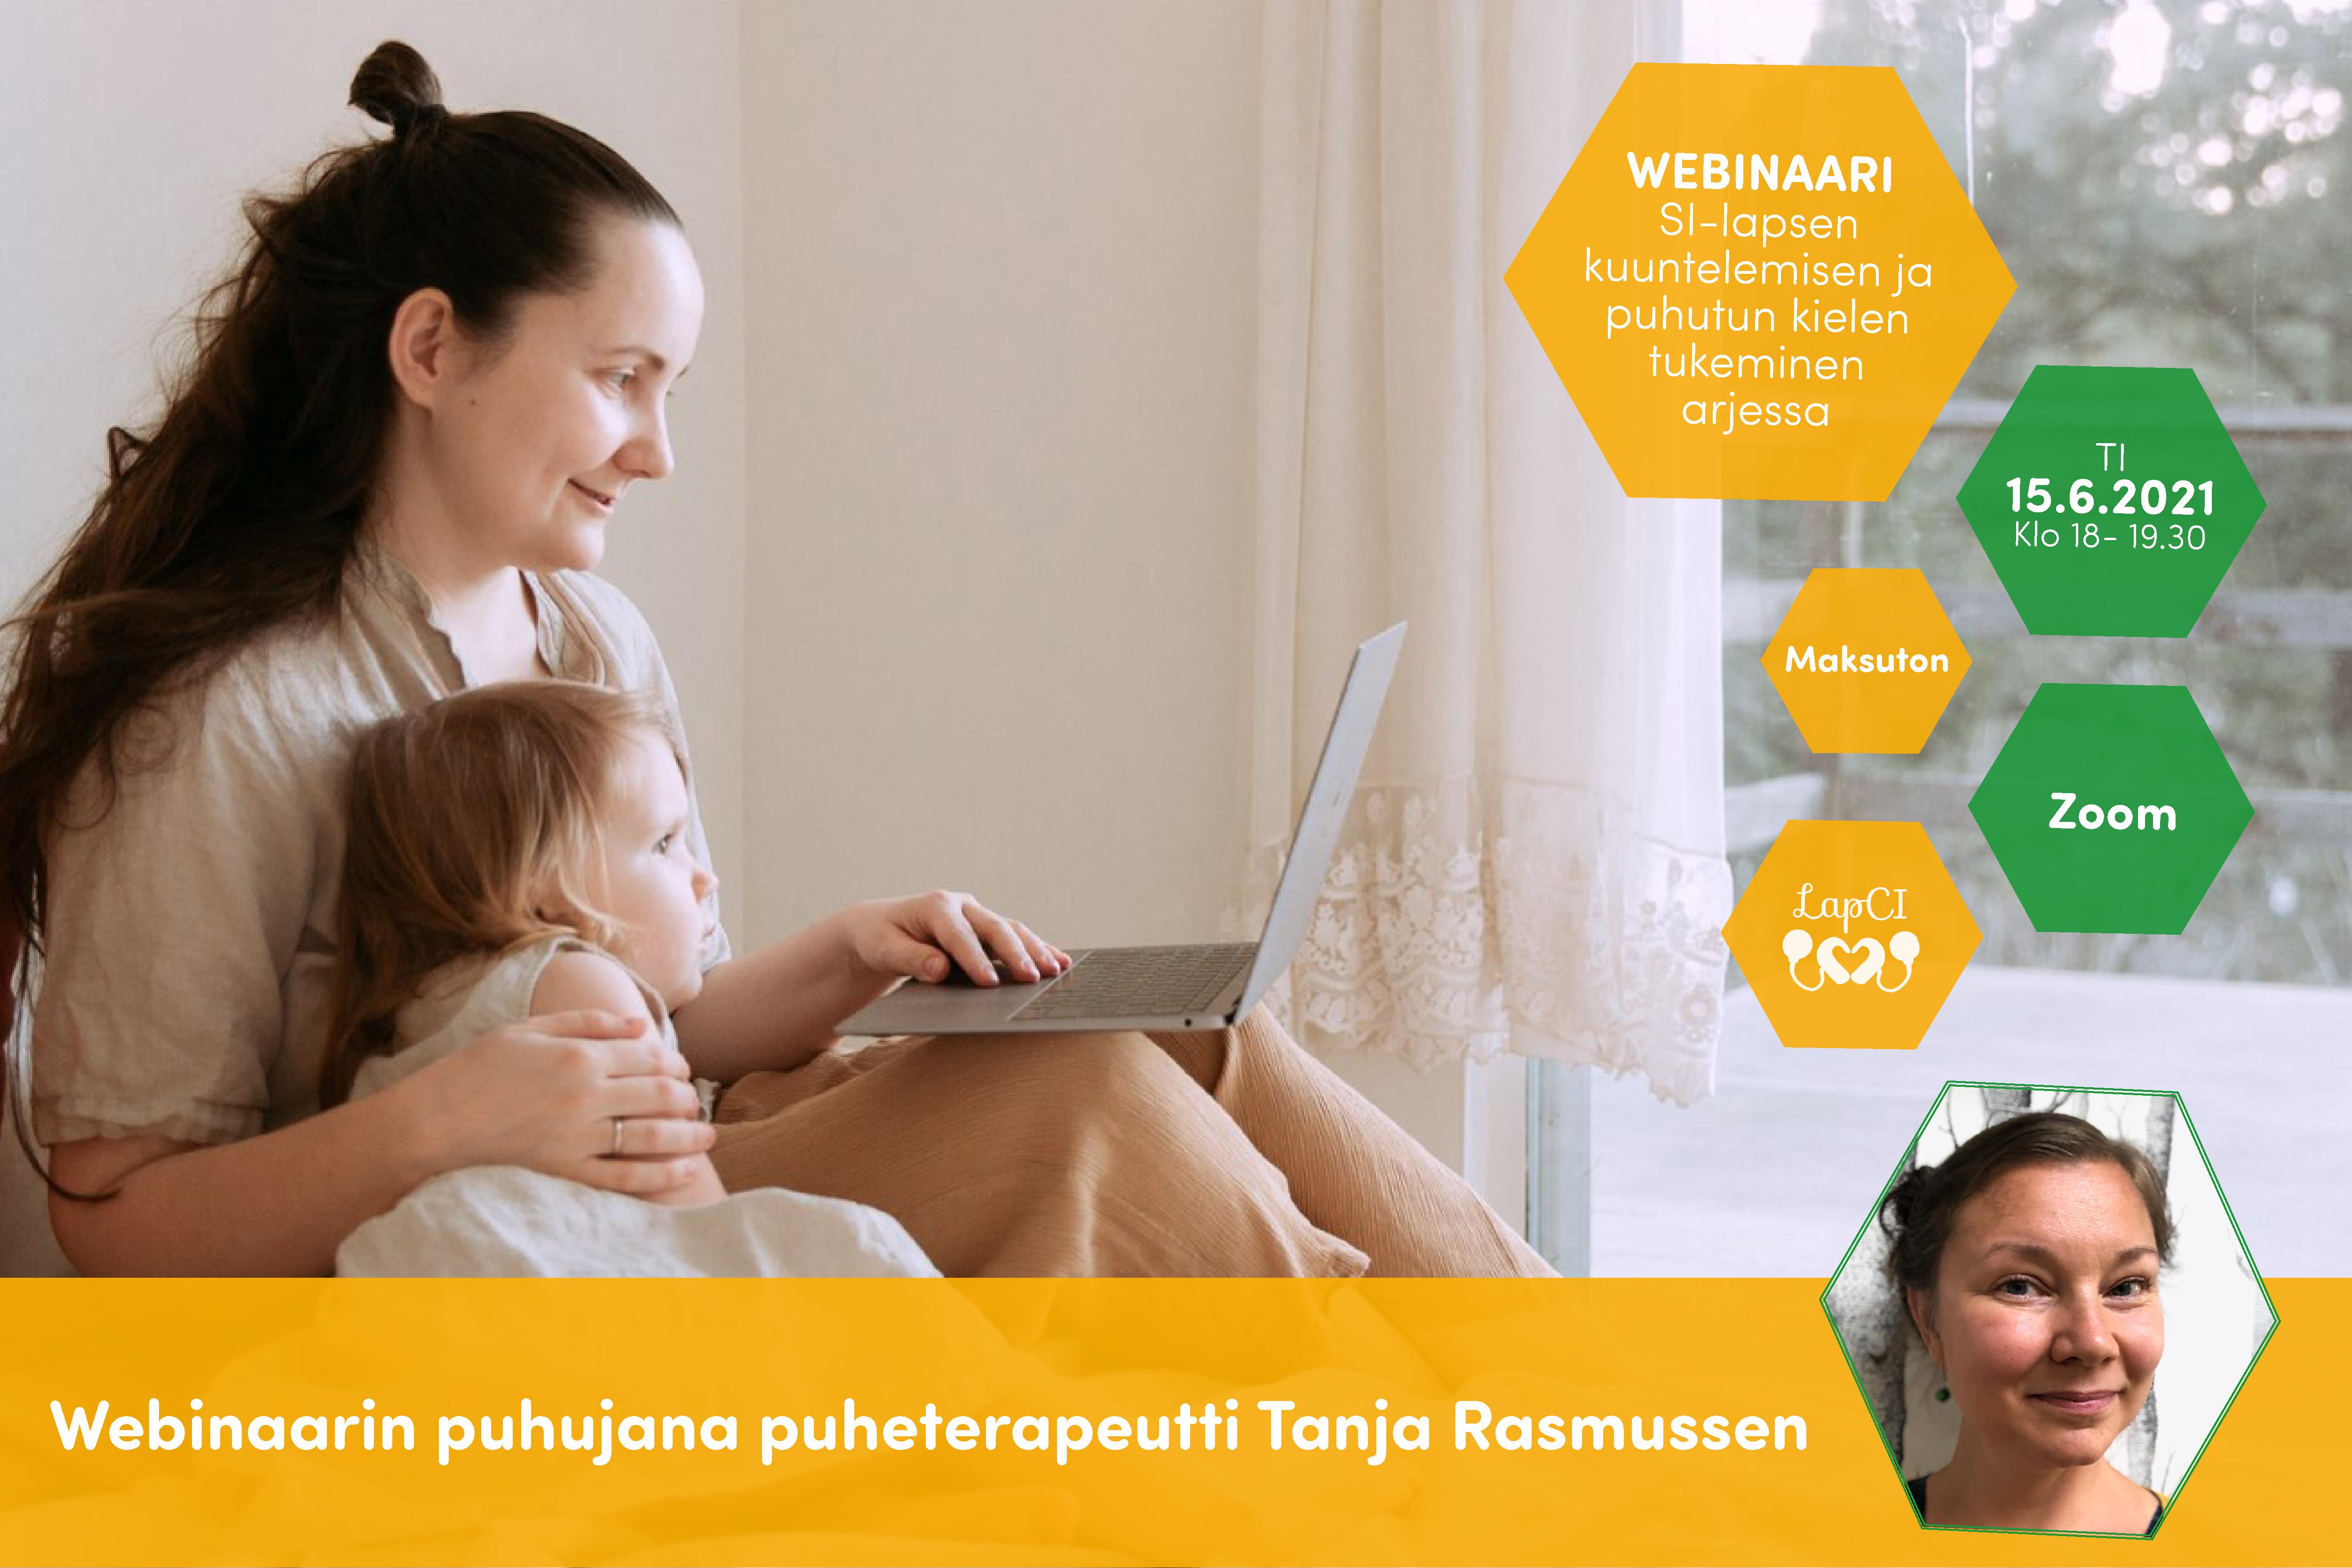 Kuvassa äiti ja lapsi istuvat sängyllä ja katsovat läppärin näyttöä. Kuvioissa Tanja Rasmussenin kuva ja tiedot webinaarista.